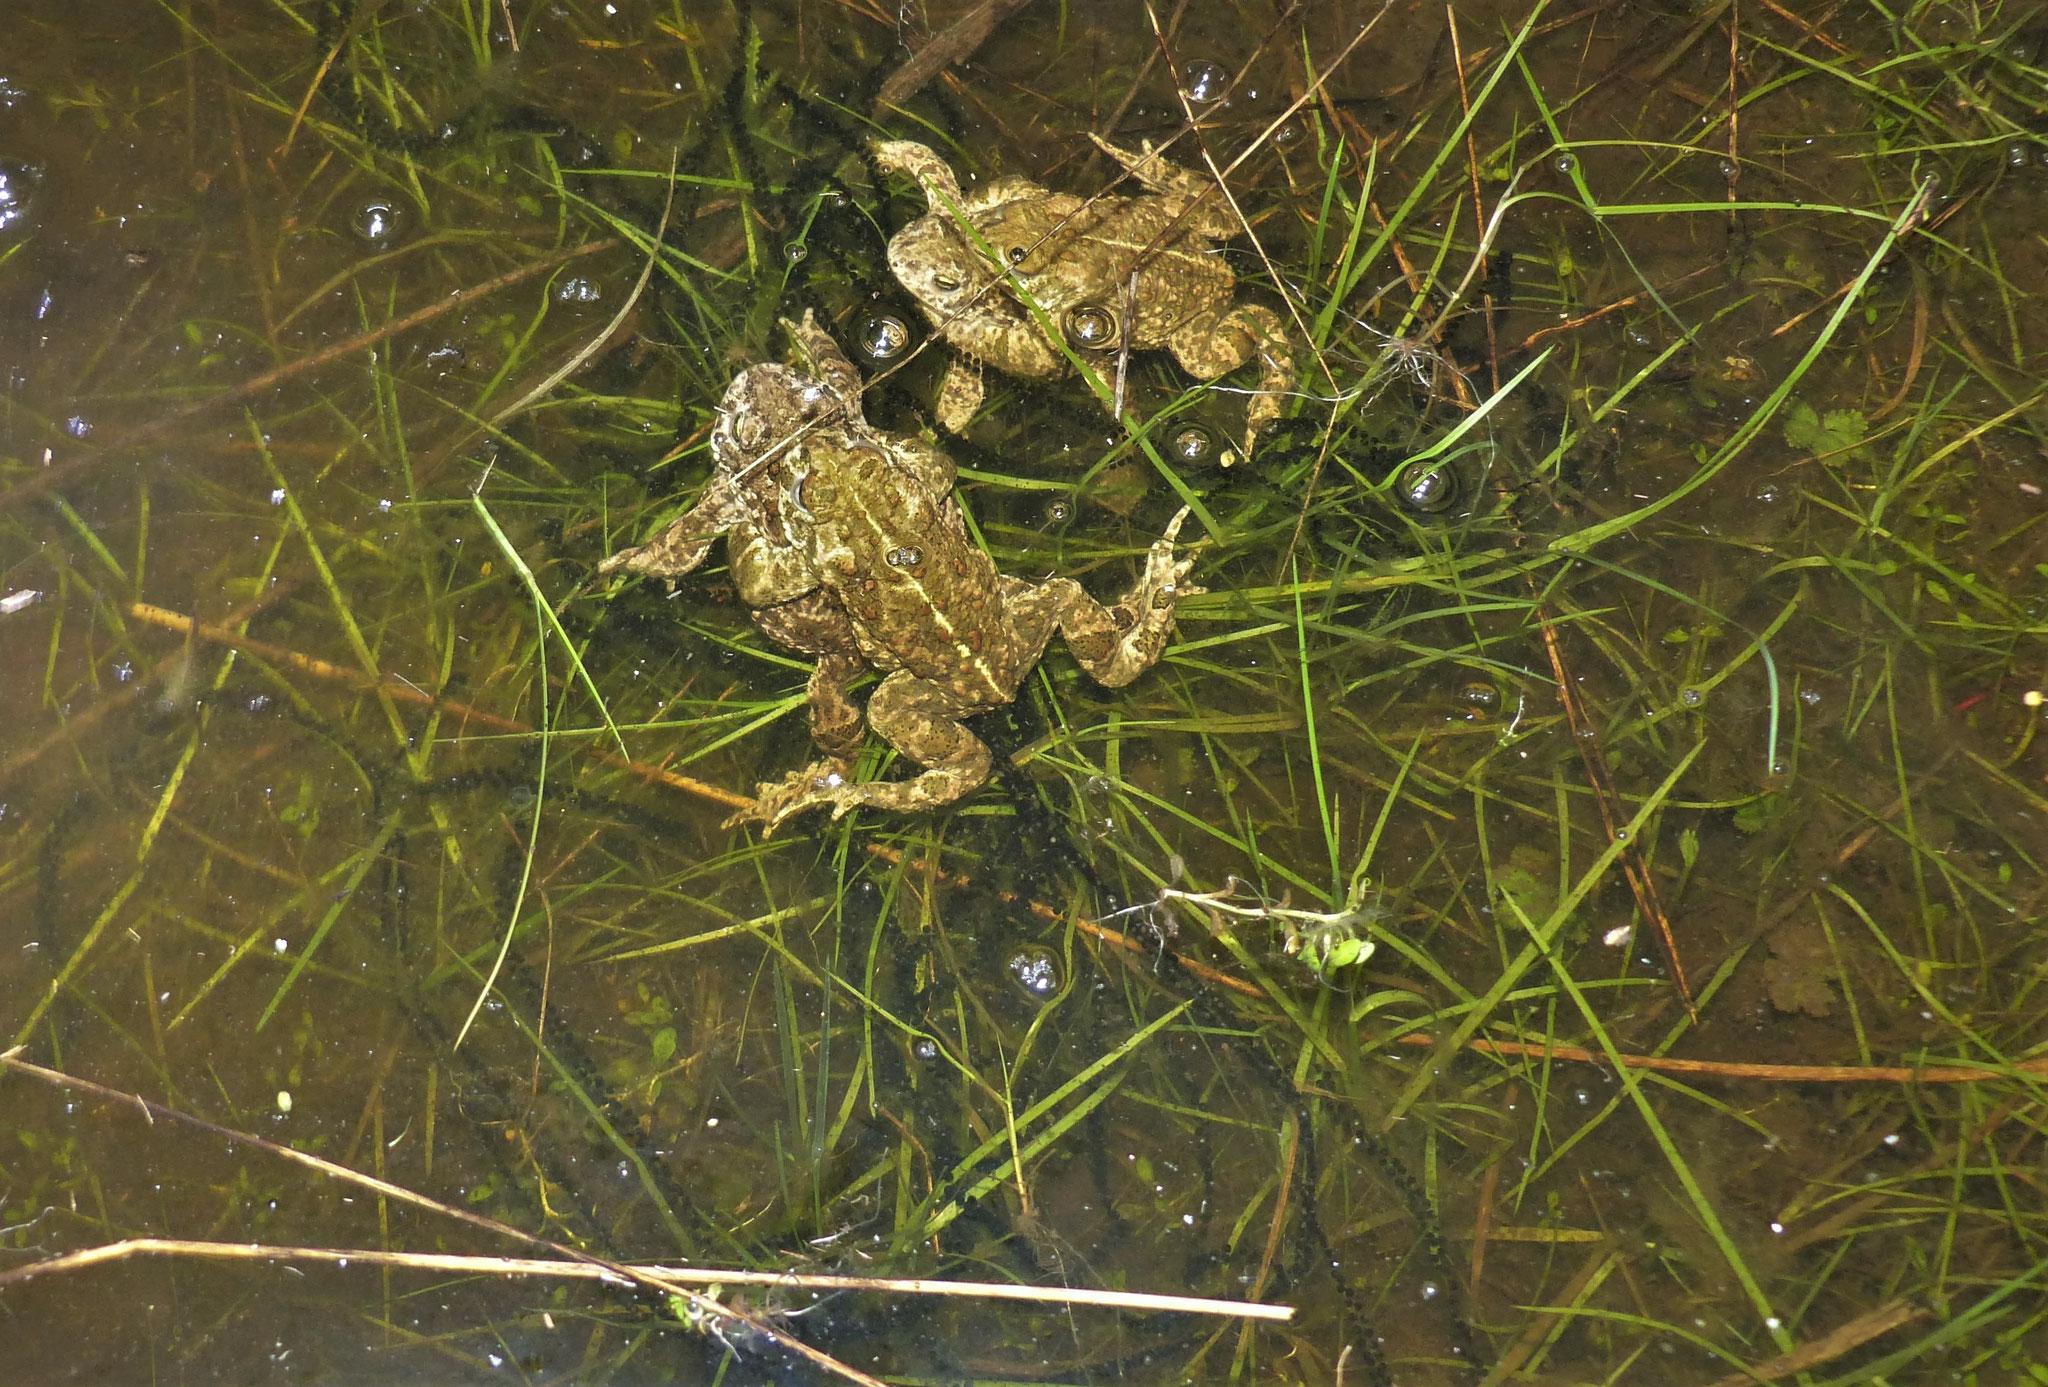 In den gut gefüllten Gräben der Salmenwiesen tummelten sich die laichenden Kreuzkröten.